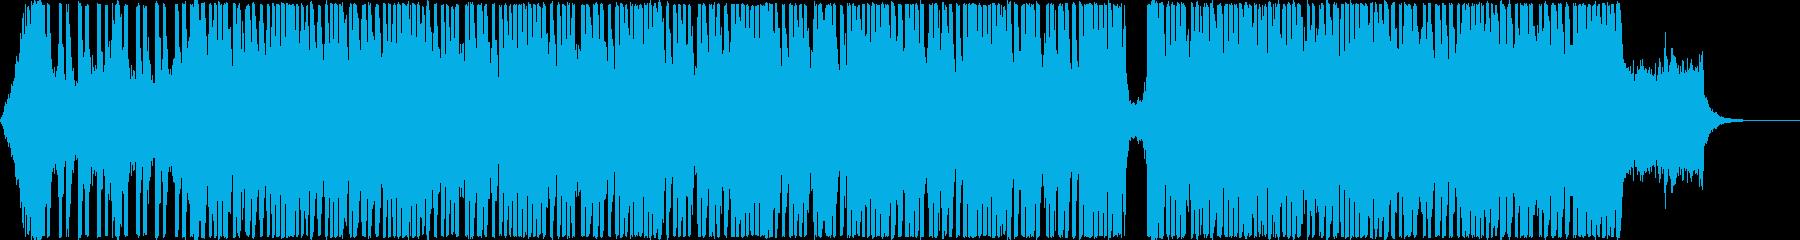 オケサウンドなゲームエンディングの再生済みの波形